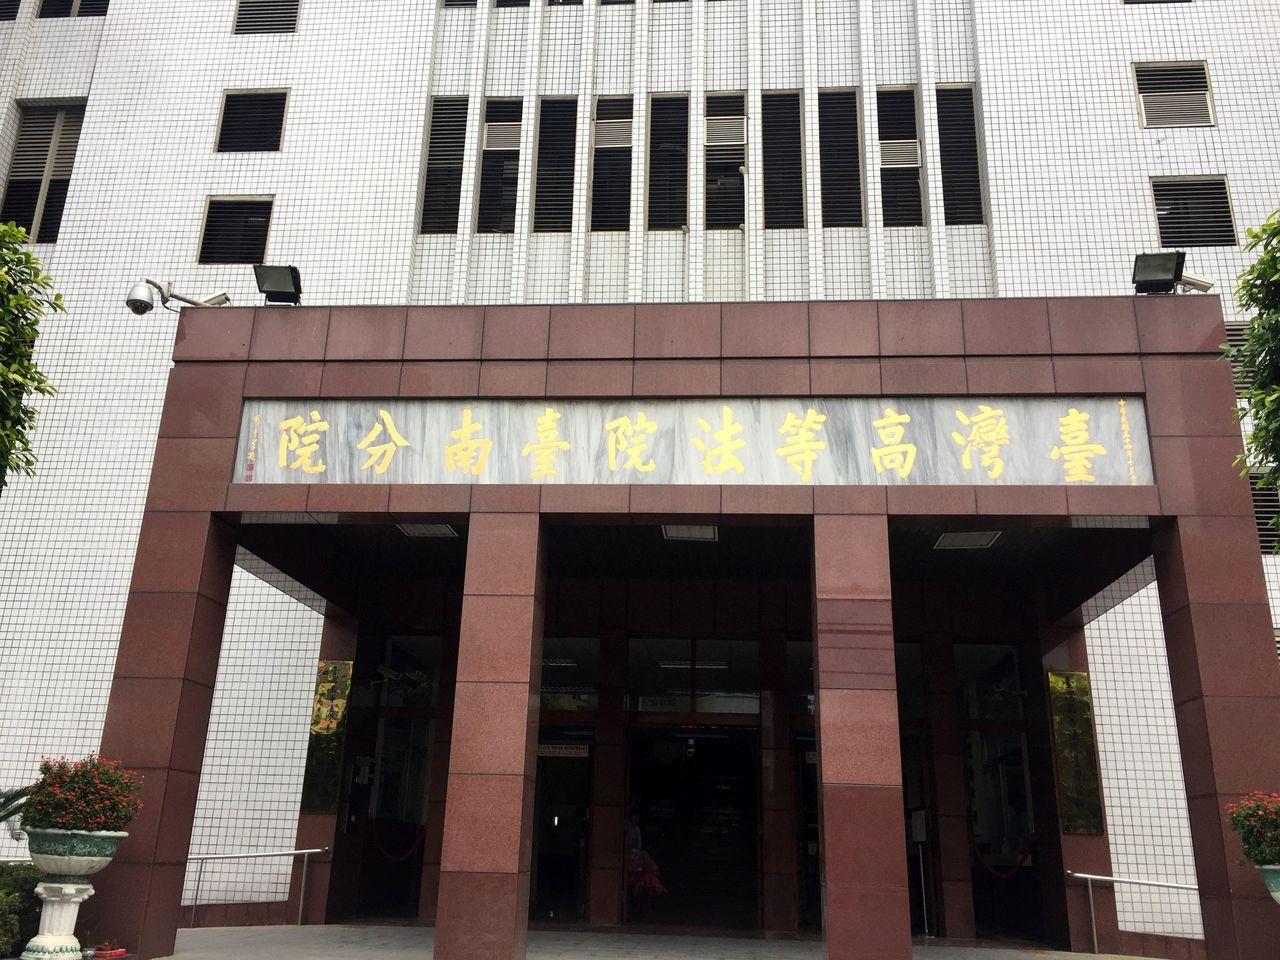 台南高分院合議庭認蔡婦撥打119僅提及兒子受傷,對持刀砍傷湯隻字未提不符自首,母...